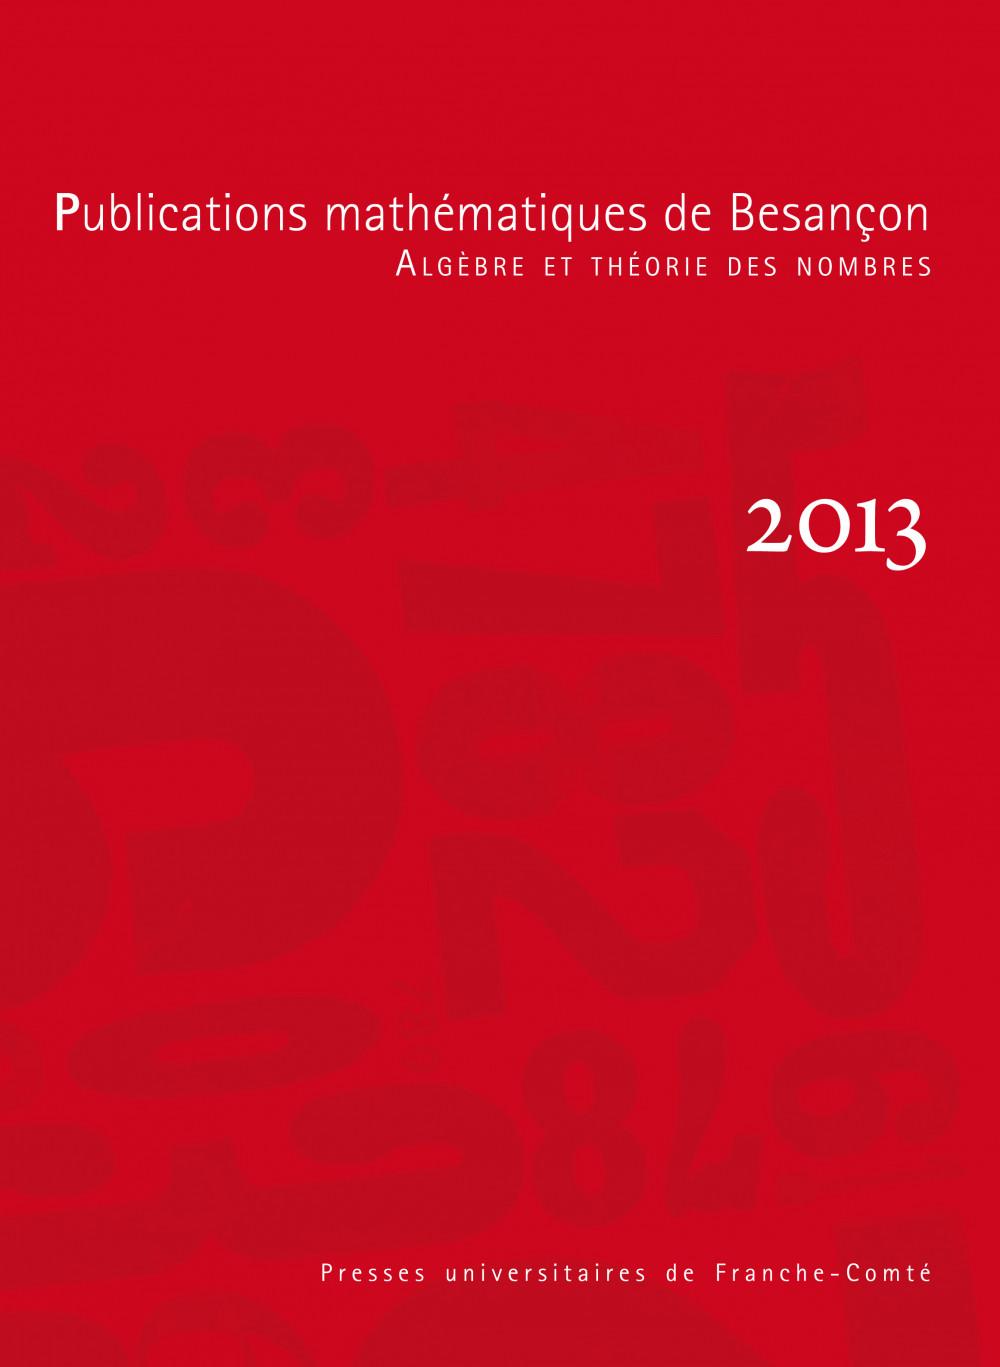 Publications mathématiques de Besançon - Algèbre et théorie des nombres - numéro 2013